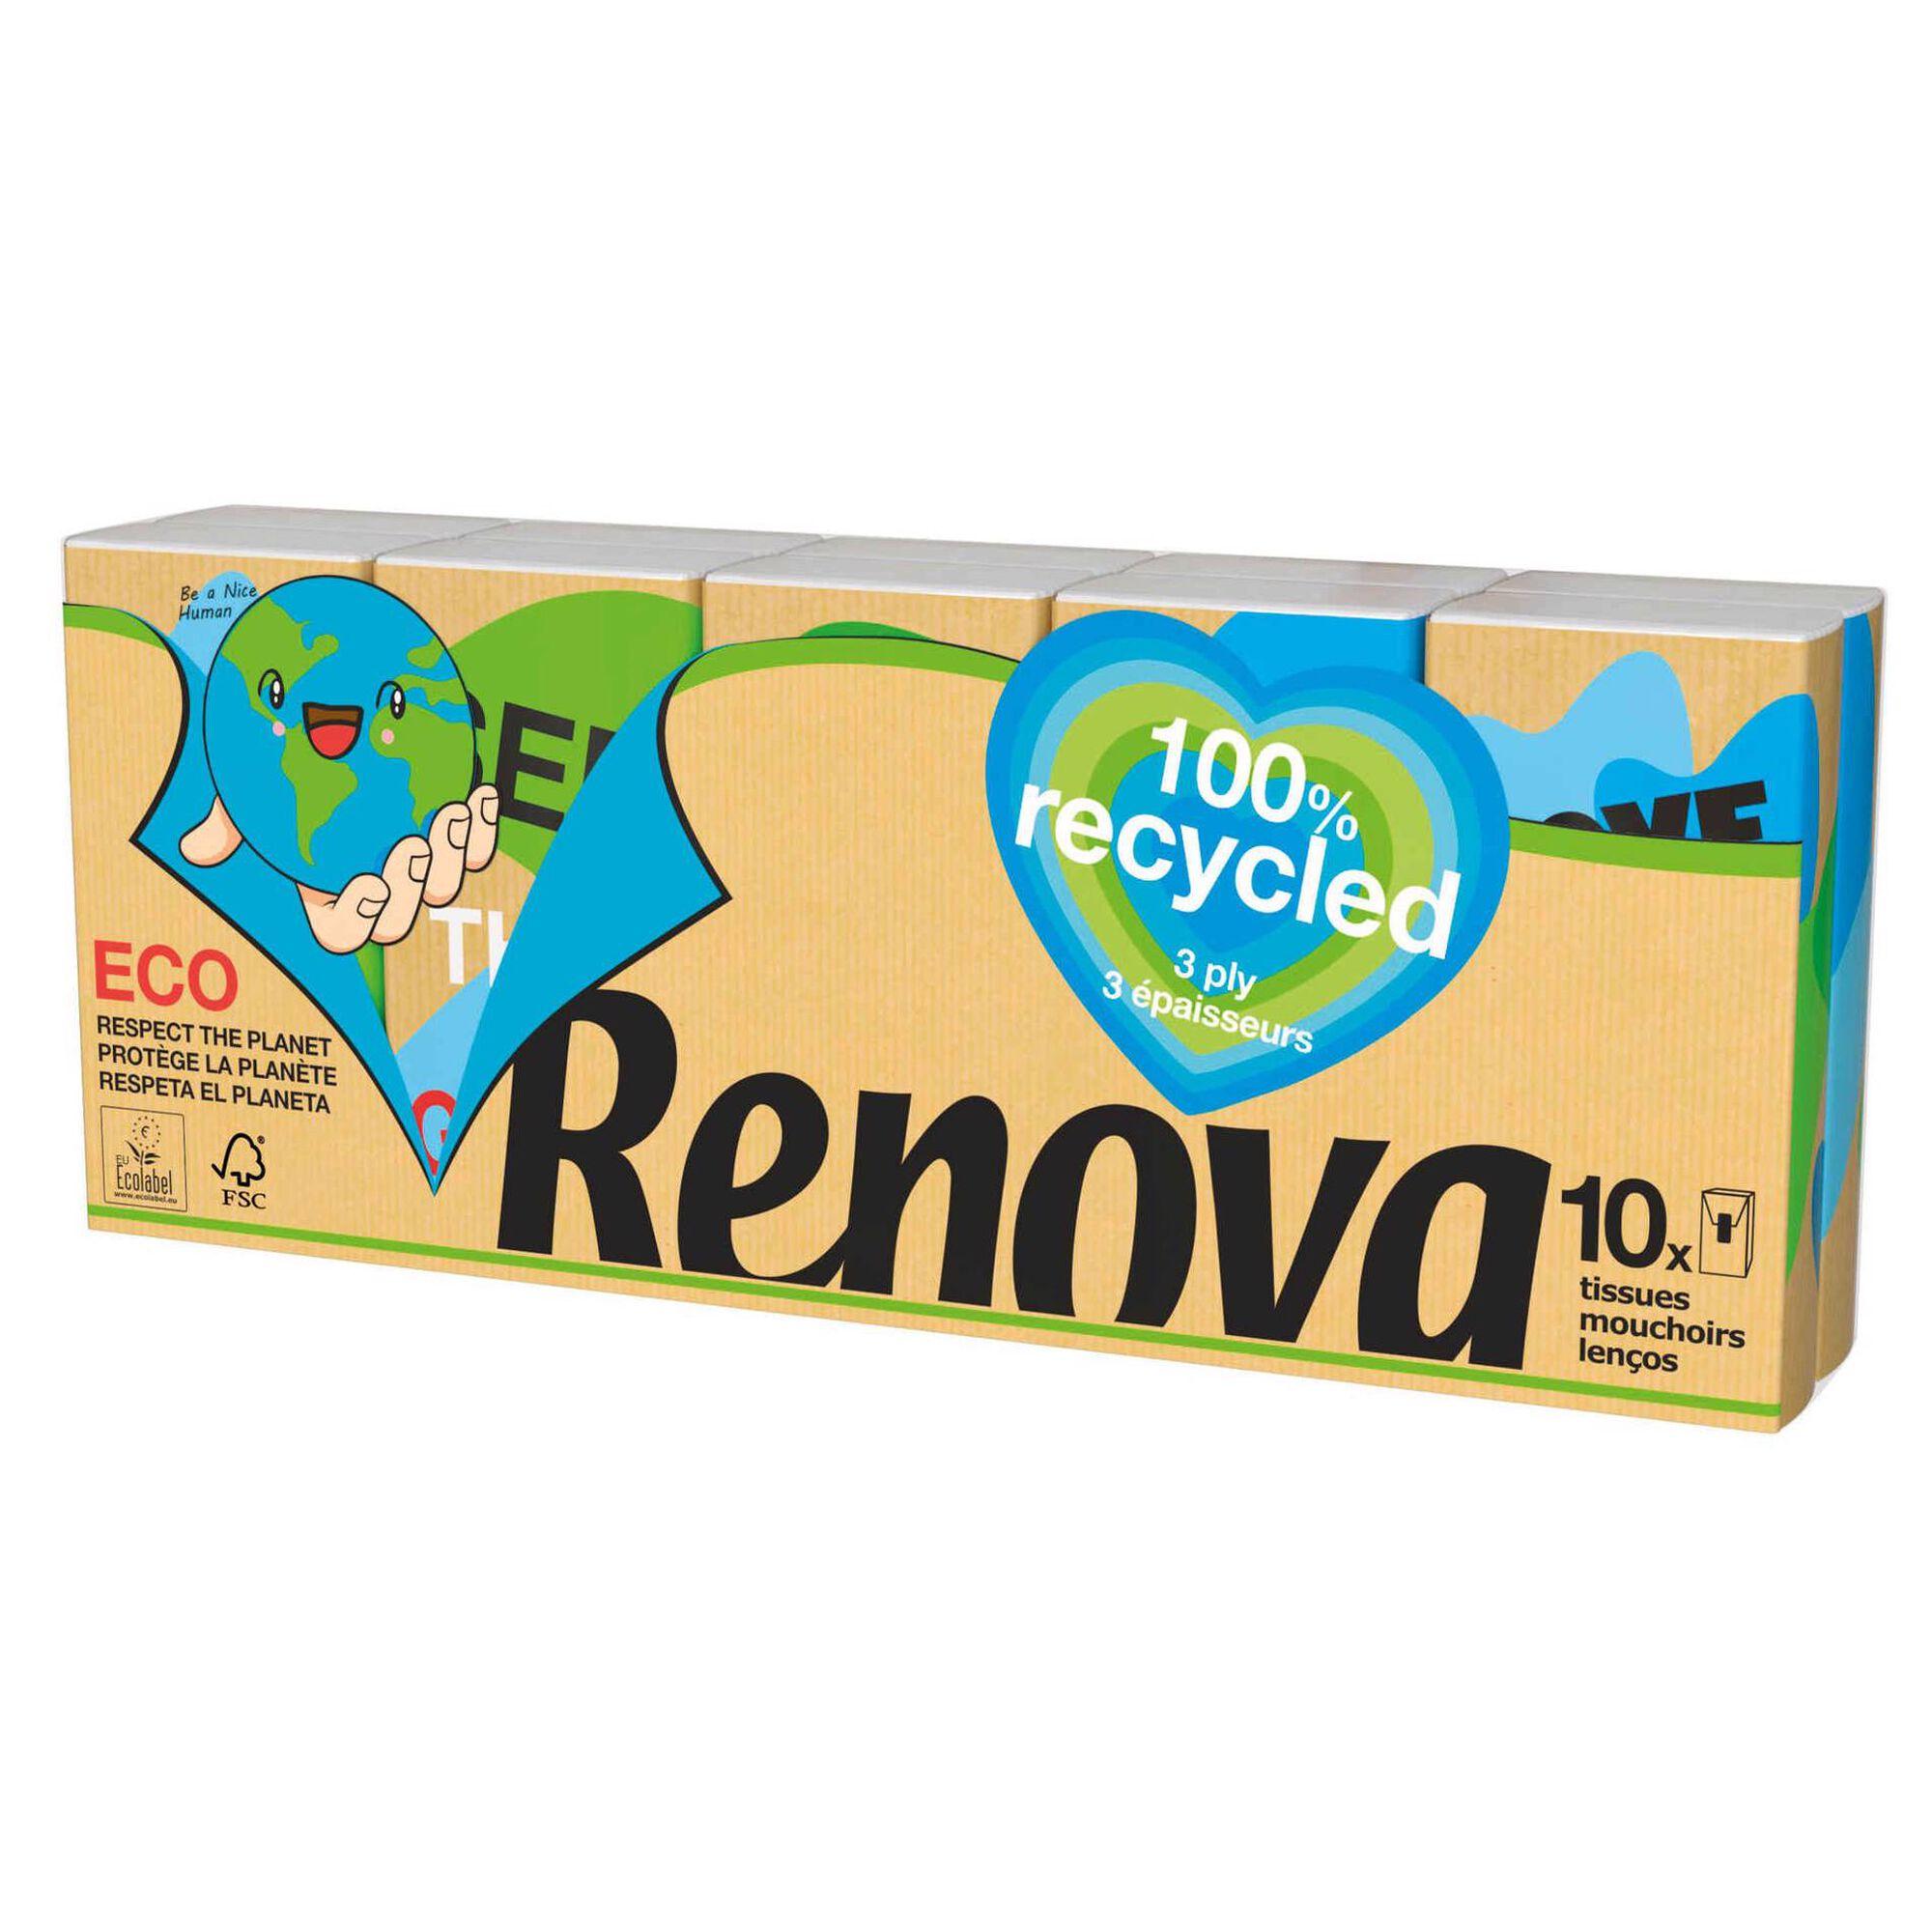 Lenços de Bolso 100% Recycled 3 Folhas